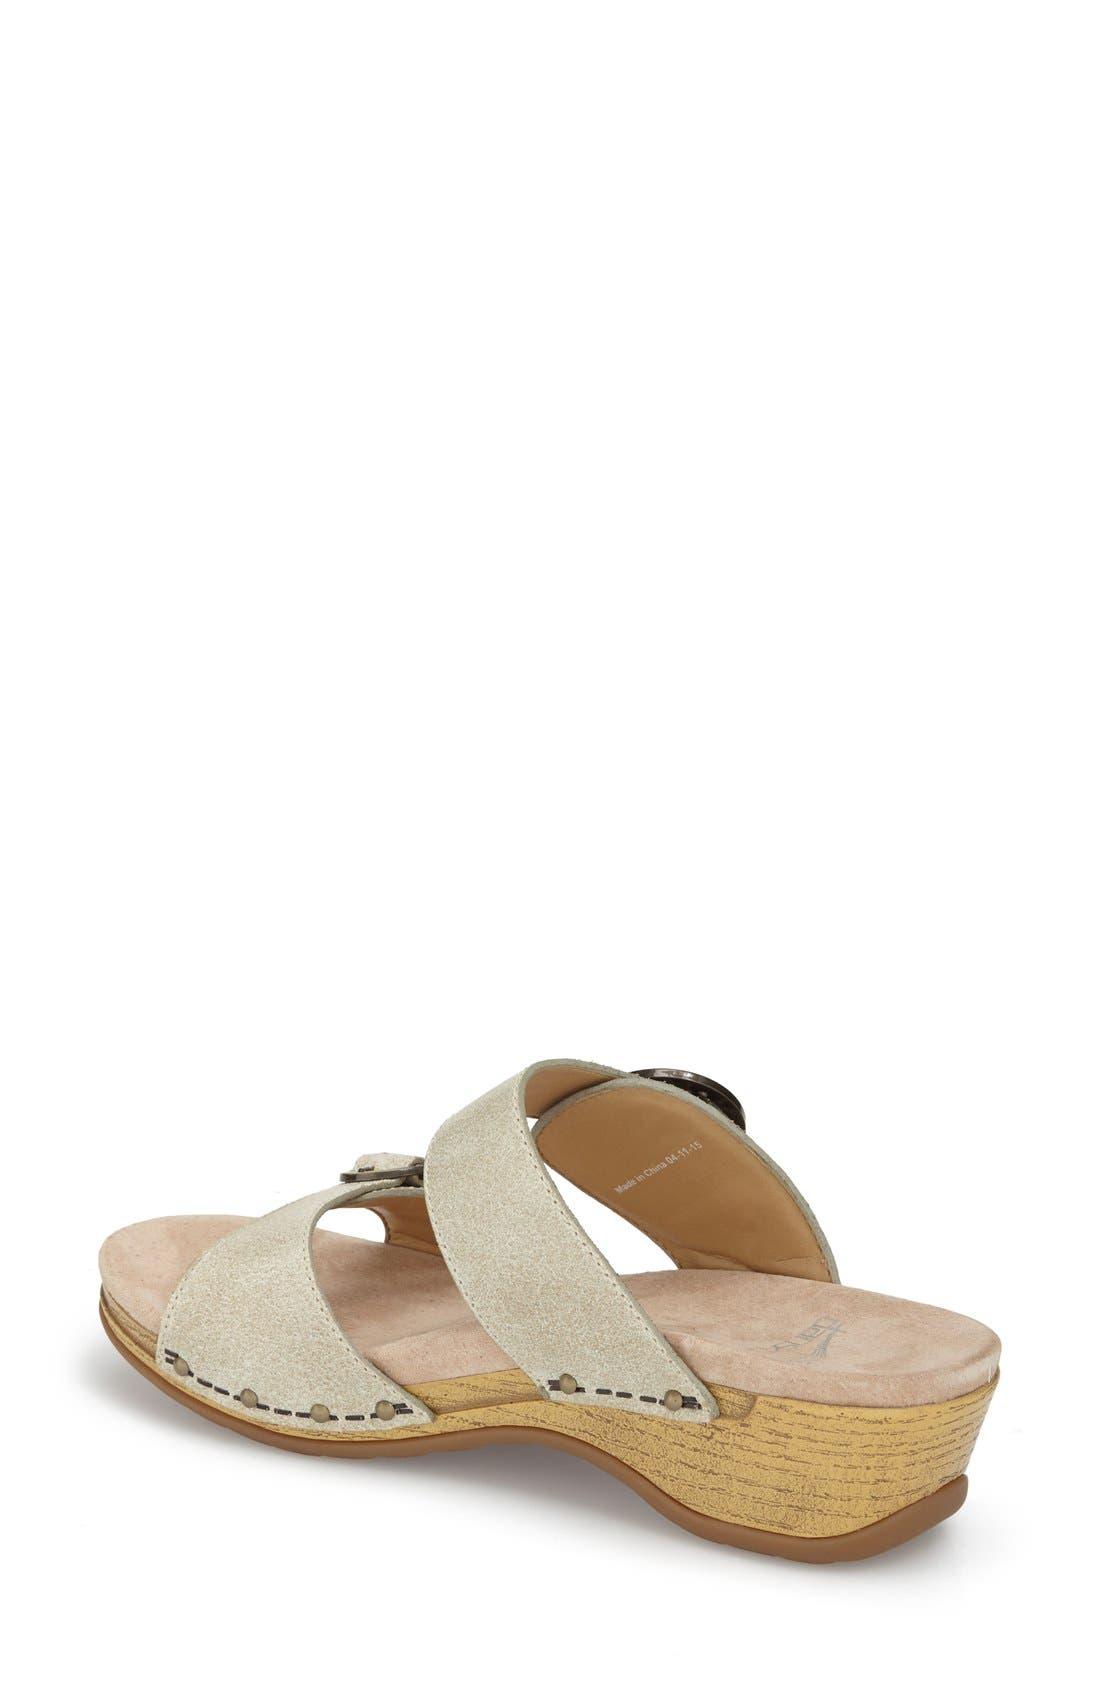 Alternate Image 2  - Dansko 'Manda' Slide Sandal (Women)